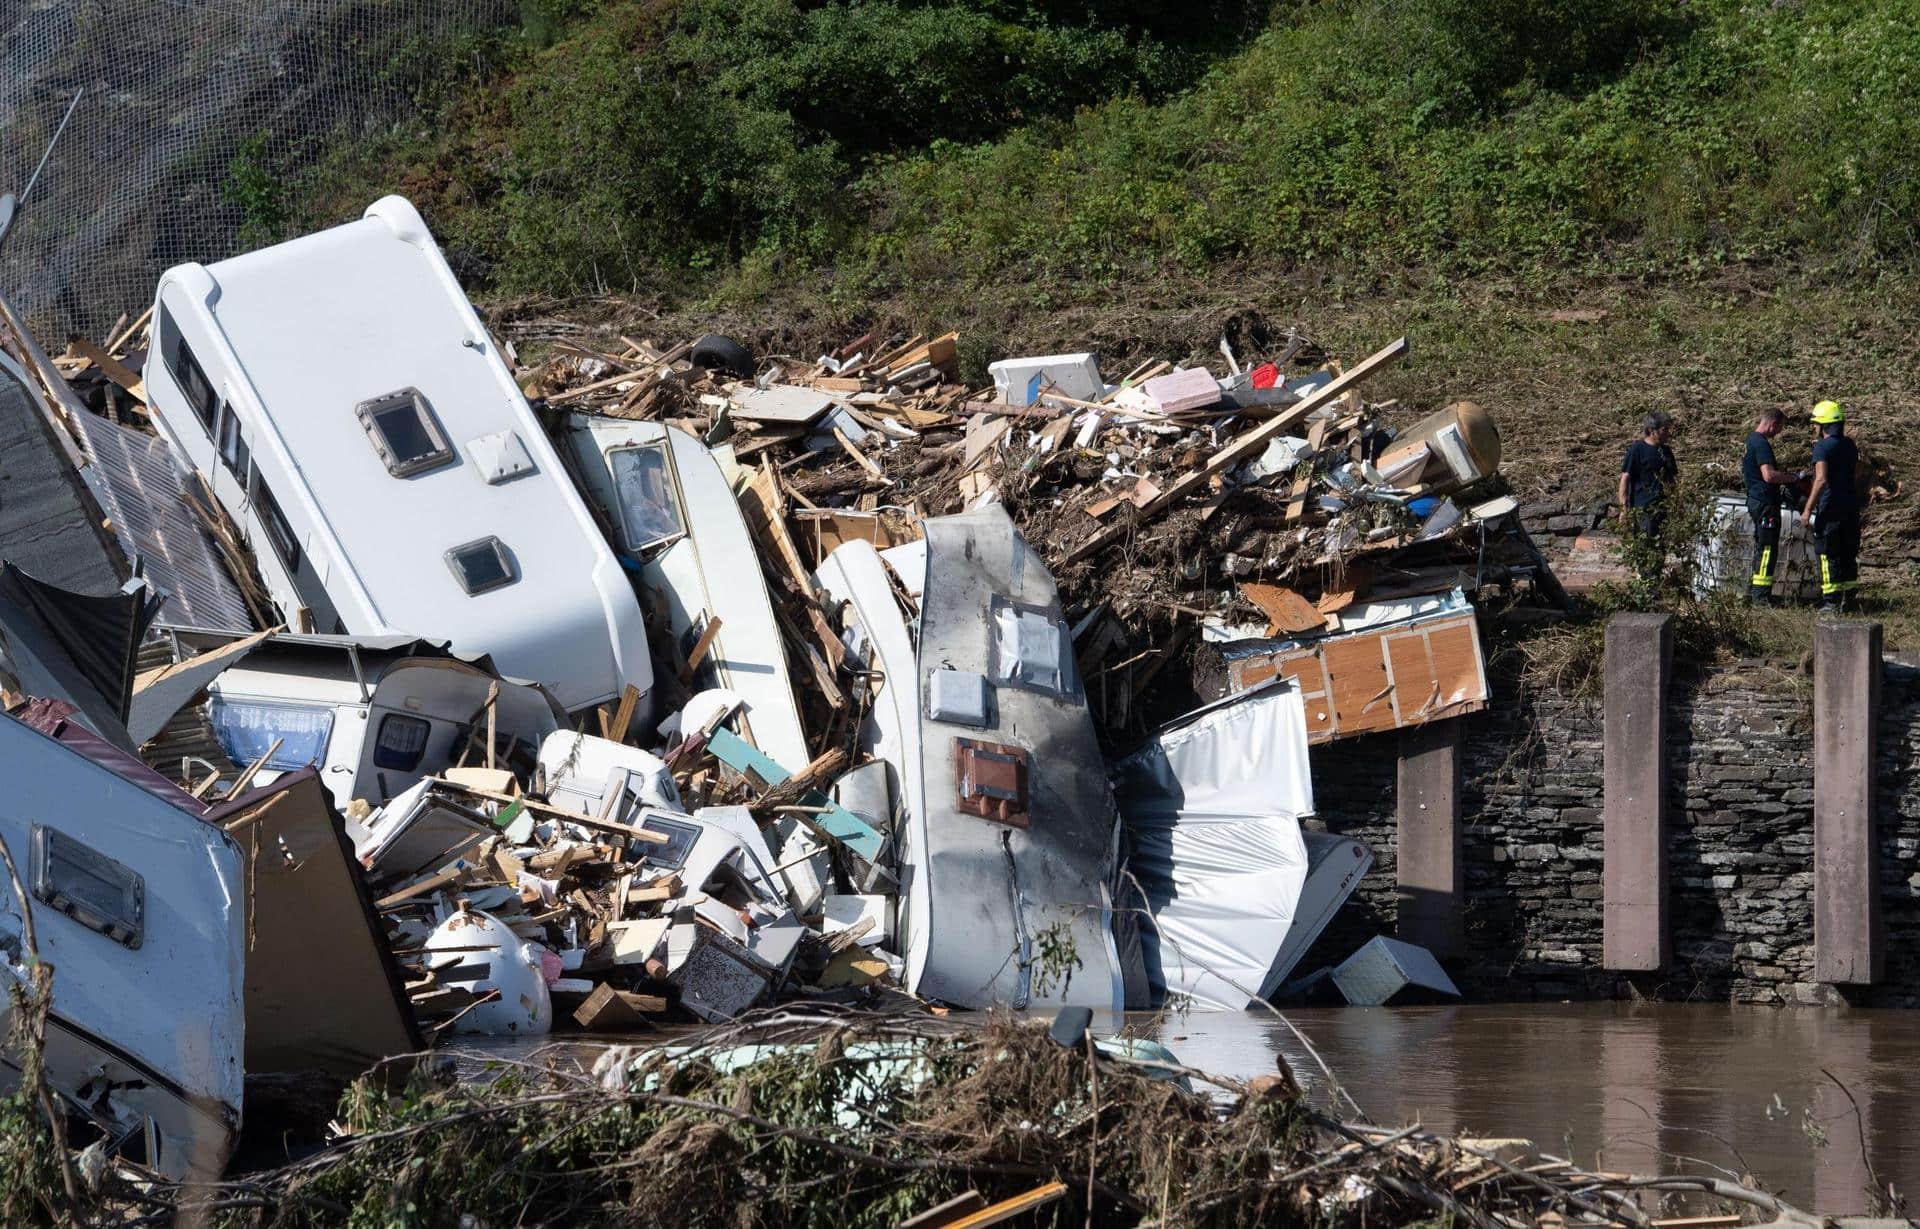 Tourismus im Krisenmodus: Auf Corona folgt Hochwasser Reisen